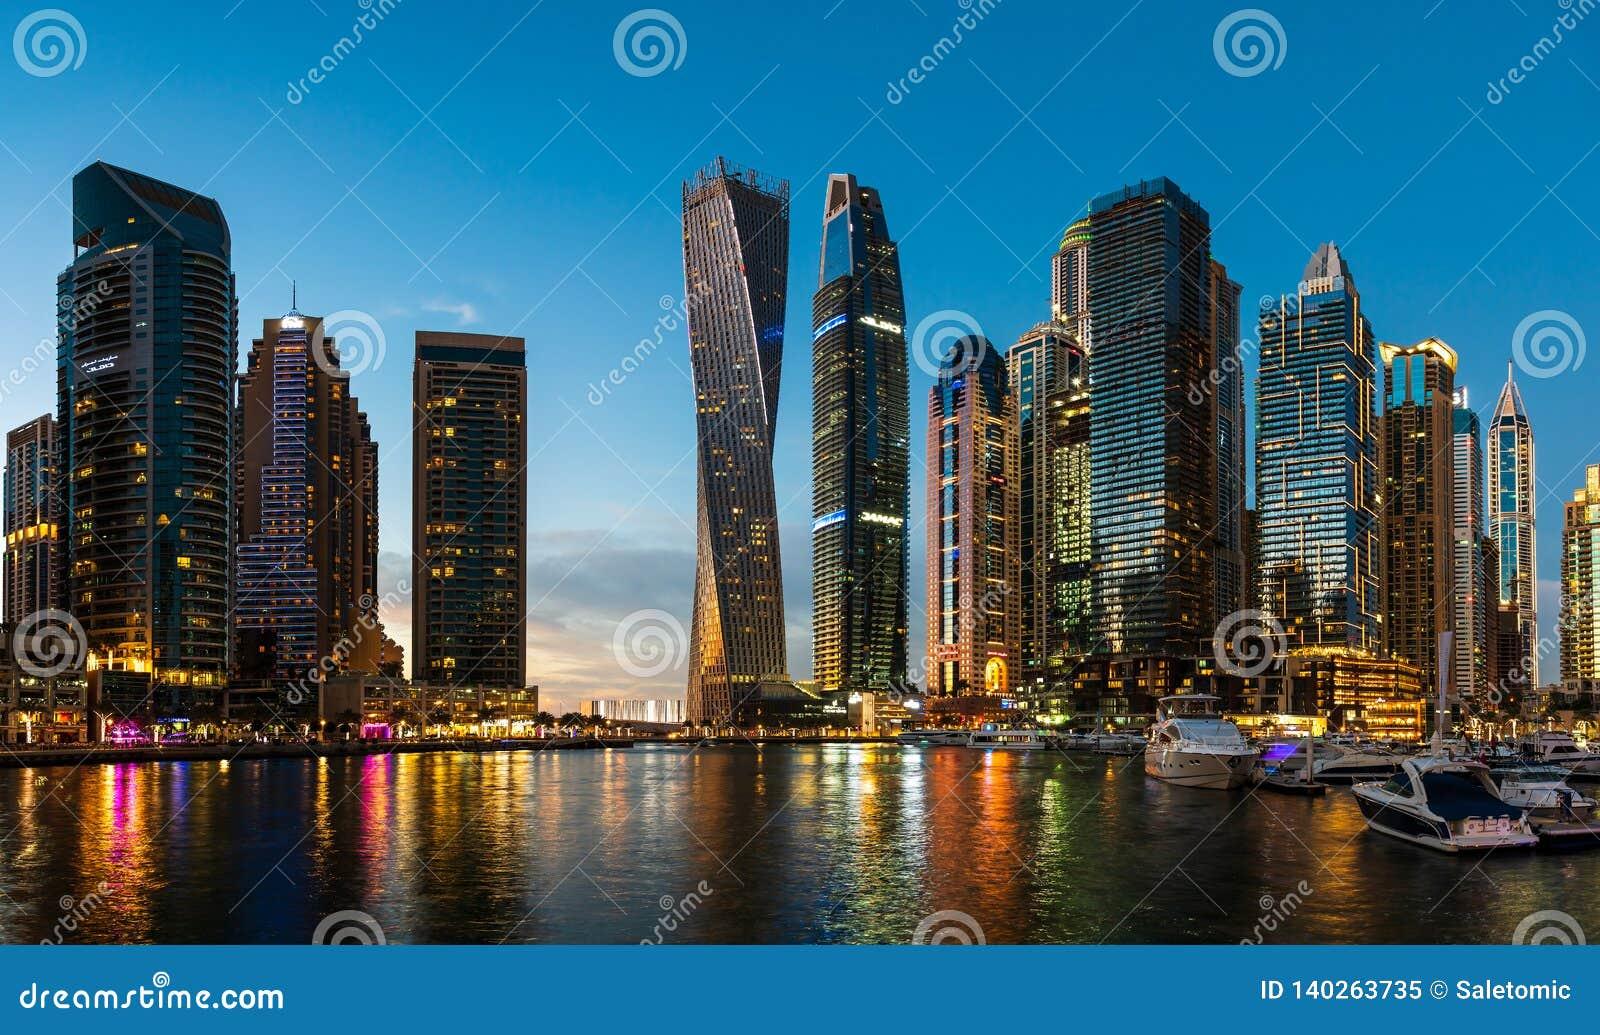 Dubai, Emiratos Árabes Unidos - 14 de fevereiro de 2019: Arranha-céus modernos do porto de Dubai e iate luxuosos na hora azul